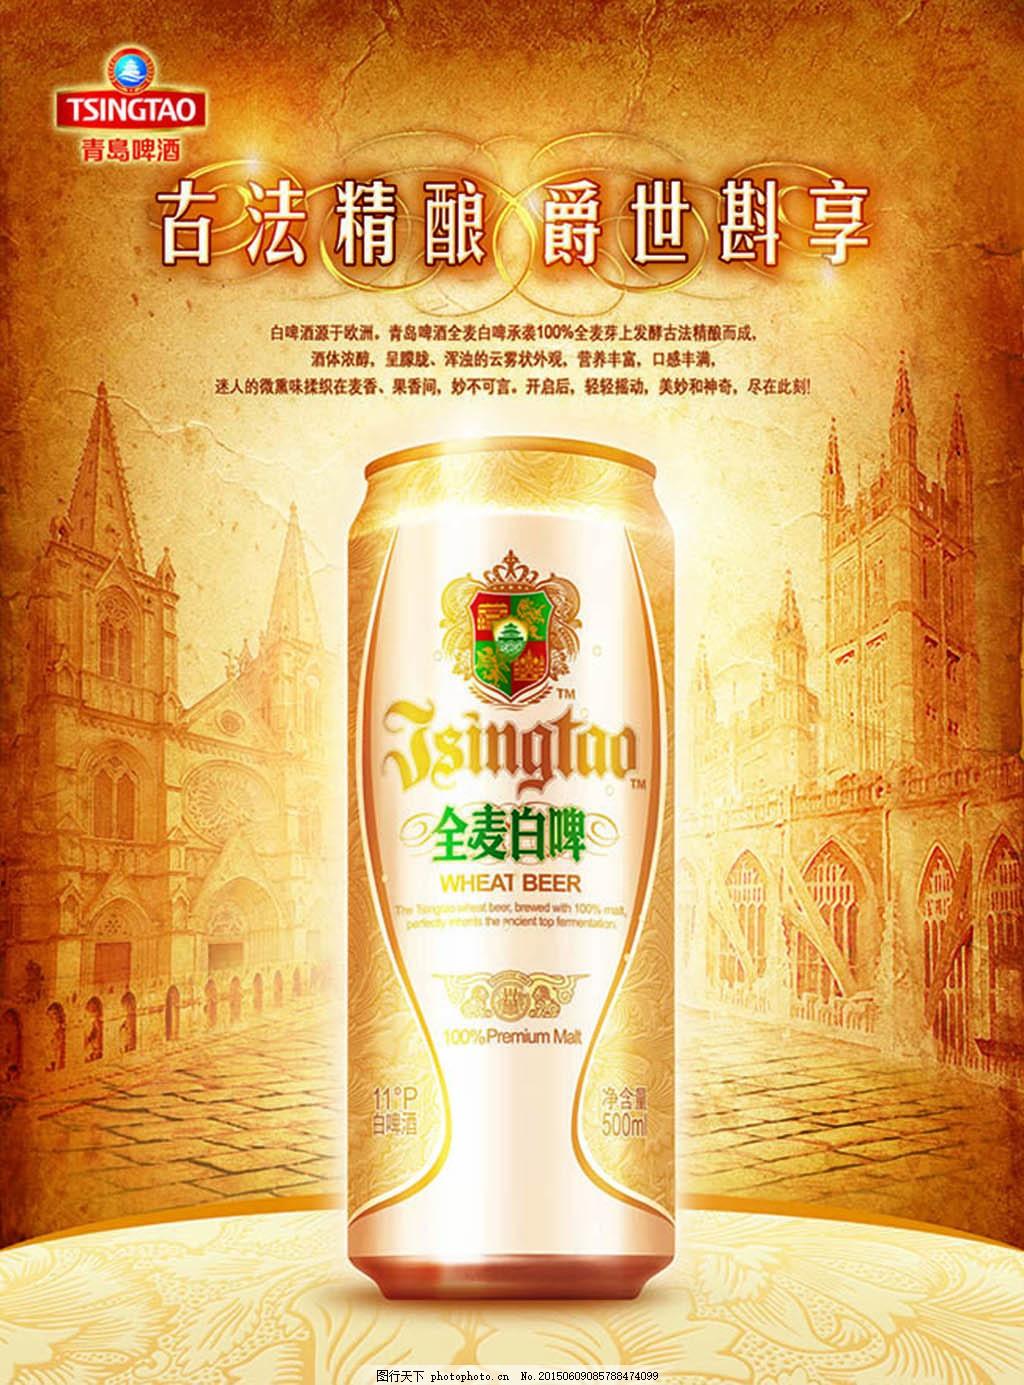 青岛啤酒全麦白啤广告设计